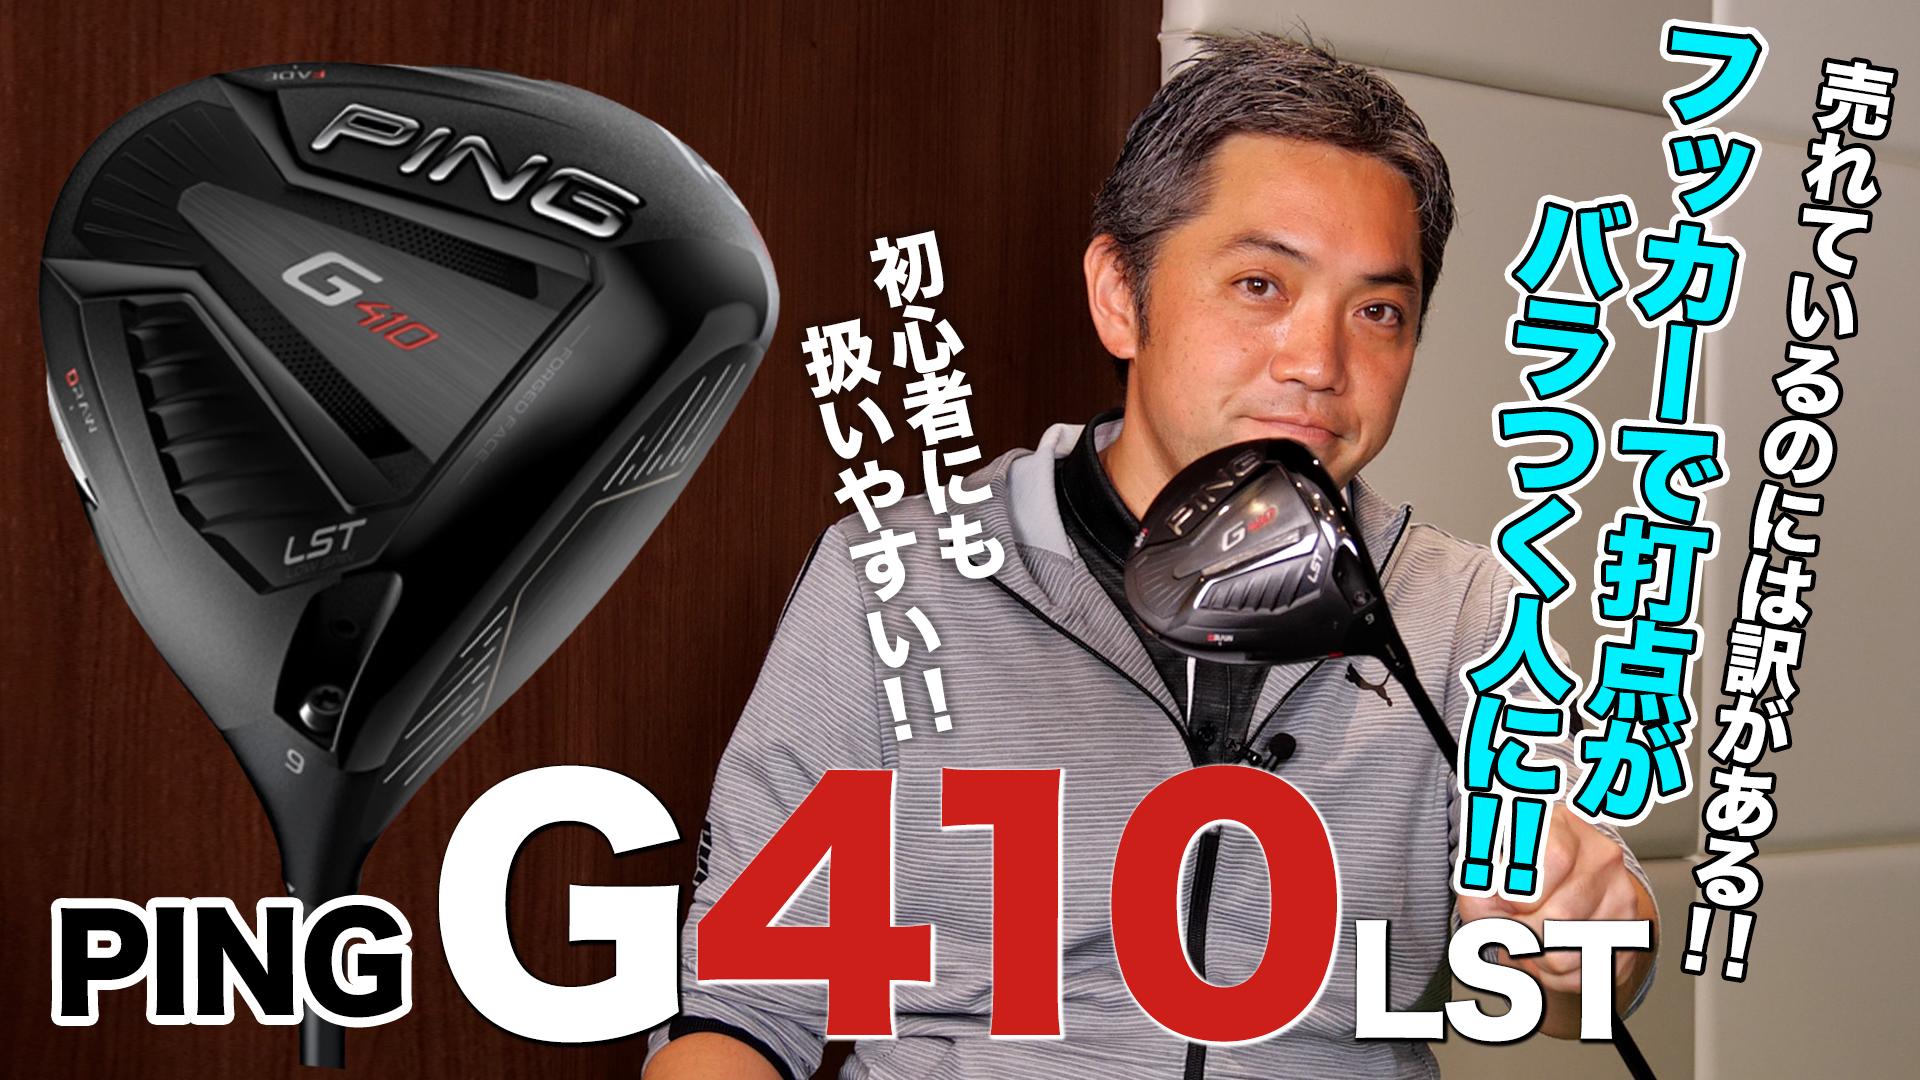 【初心者おすすめギア】PING「G410 LST ドライバー」